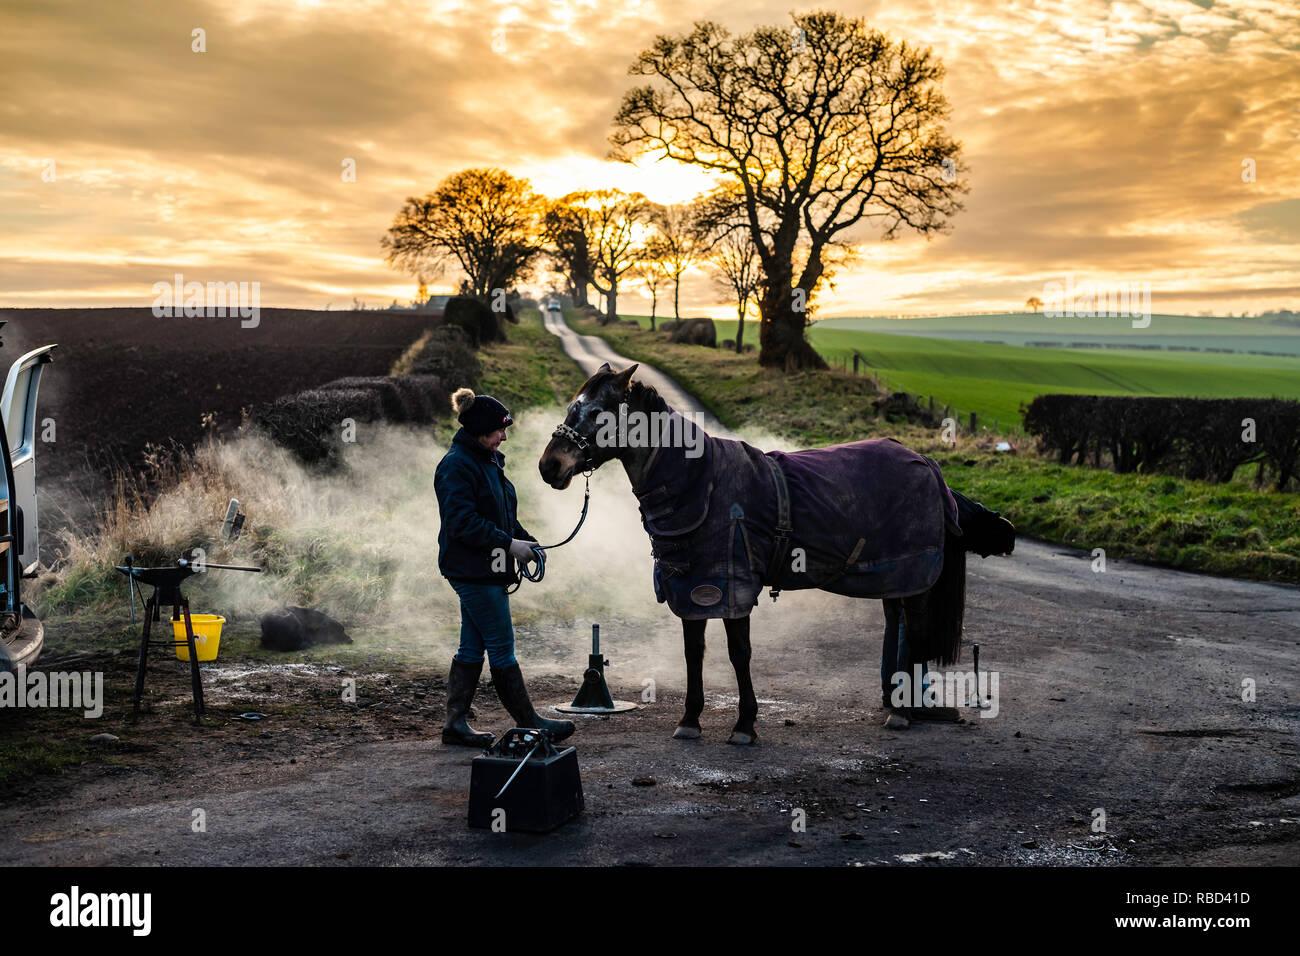 Morebattle, a Kelso, Scottish Borders, UK. 9 gennaio 2019. Gillian MacFadyen ha i suoi cavalli shoed da un maniscalco alla fine di una tranquilla giunzione a T vicino villaggio Morebattle in Scottish Borders. Credito: Chris Strickland / Alamy Live News Immagini Stock